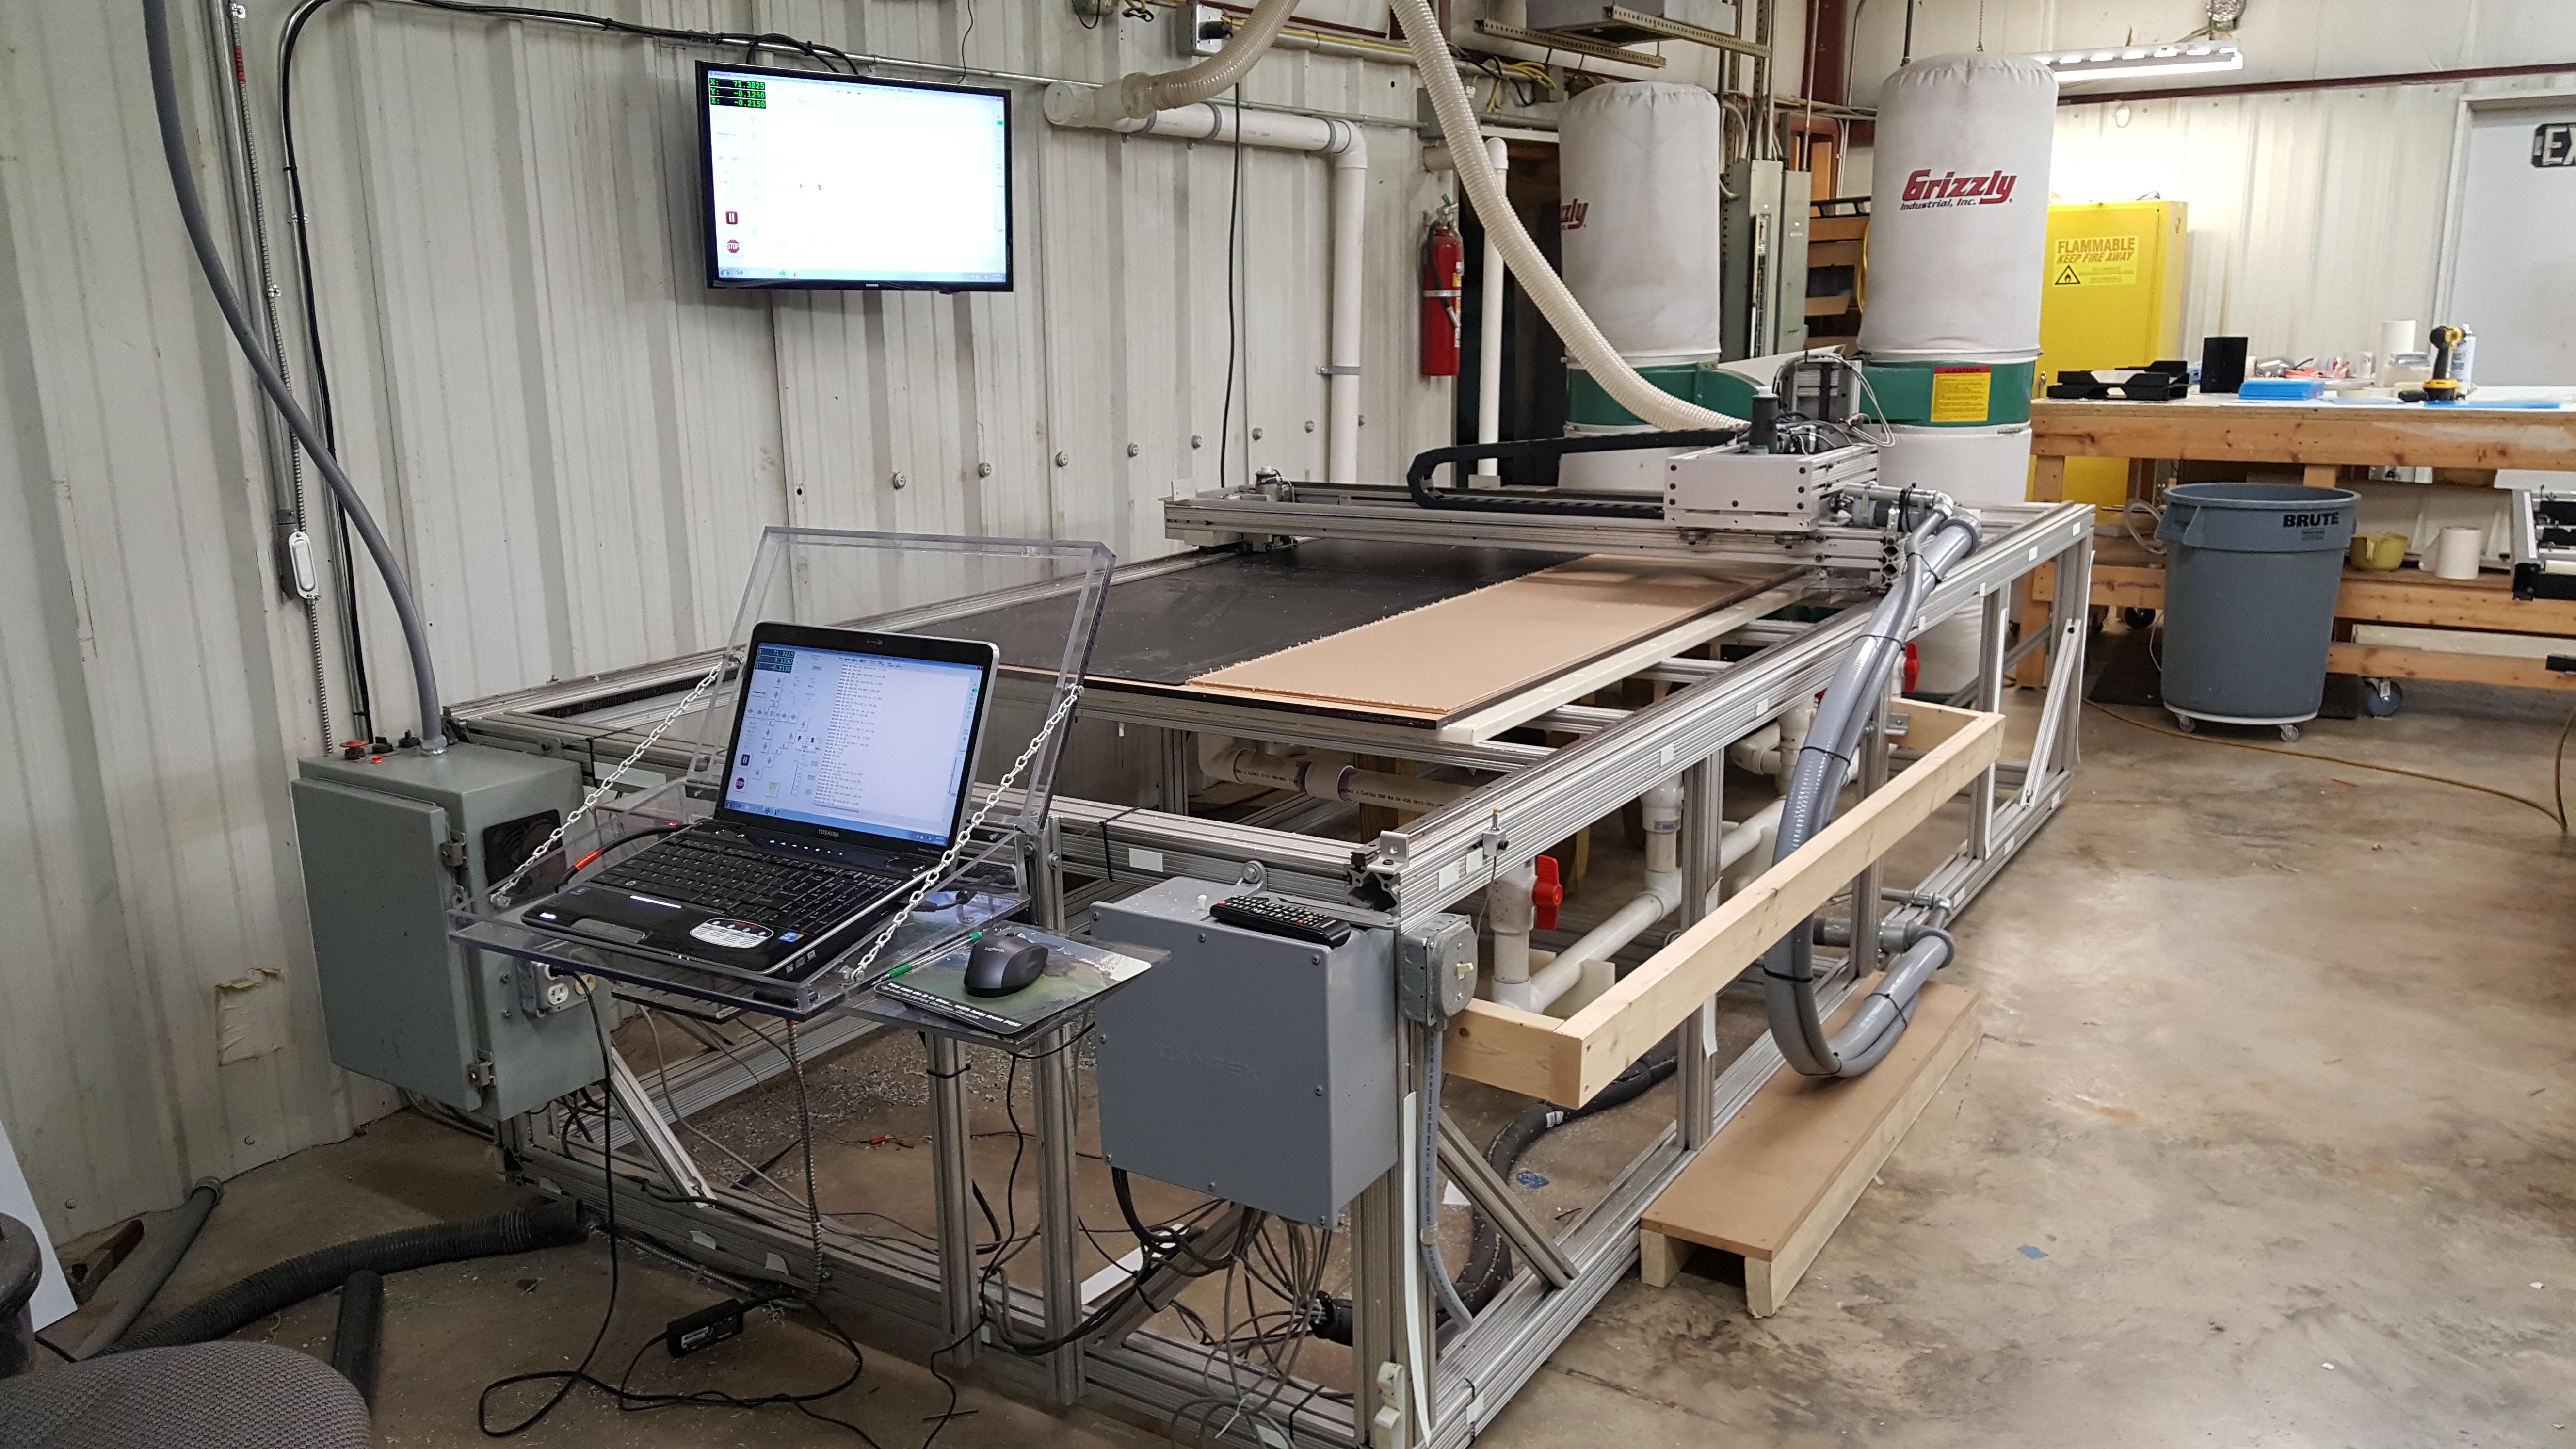 CNC Machining Table 10' X 4'